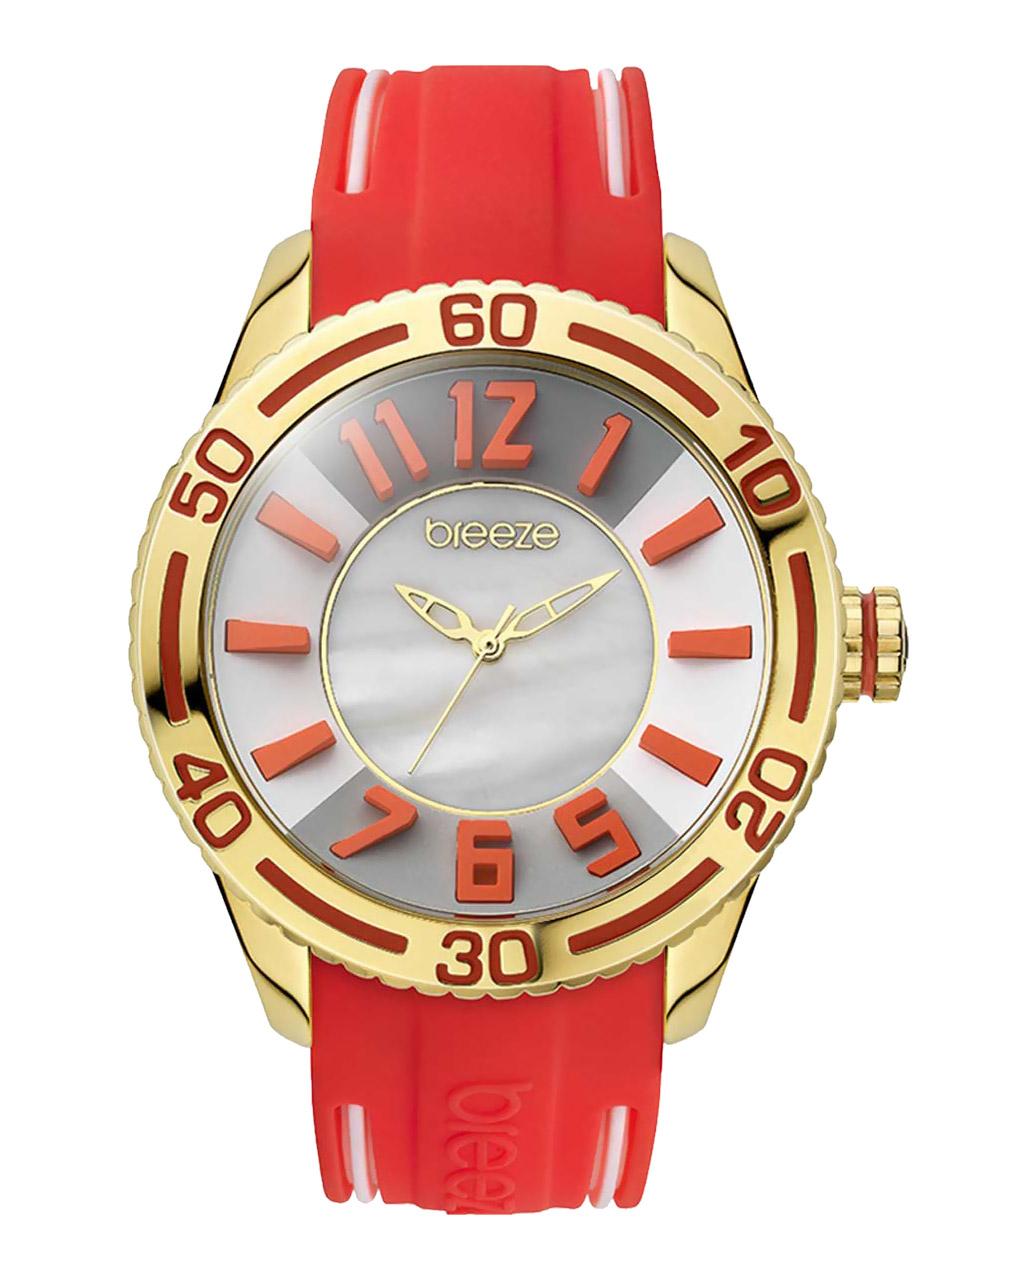 Ρολόι BREEZE 110191.4   προσφορεσ ρολόγια ρολόγια έως 100ε